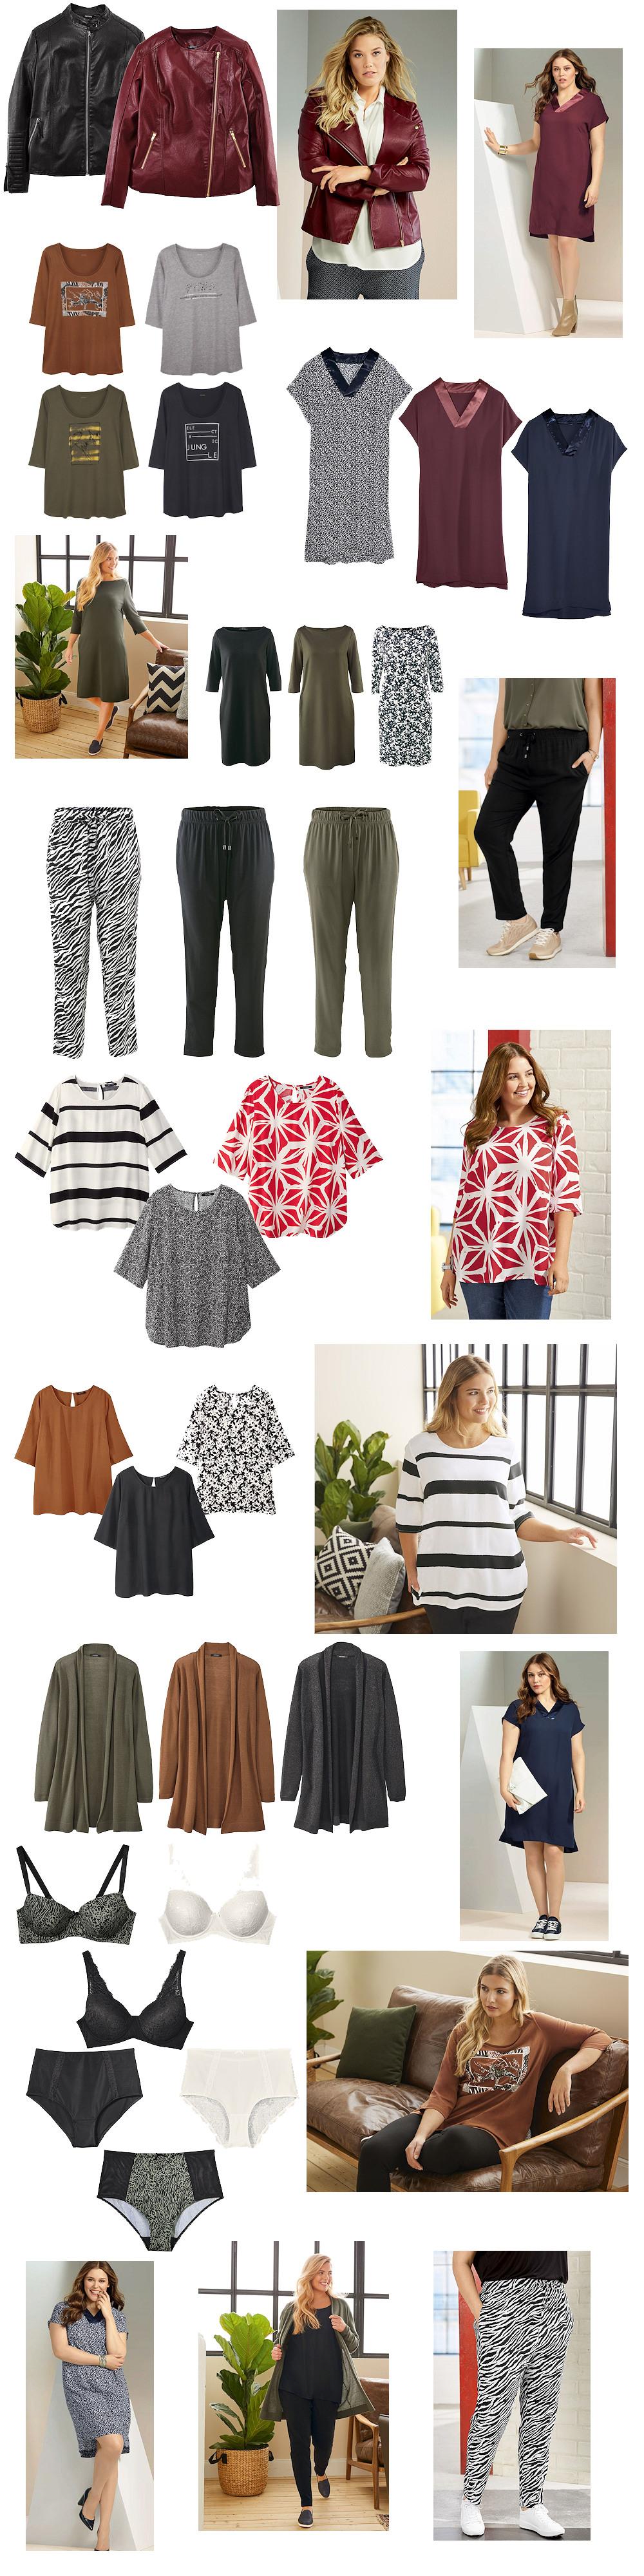 Große Größen Plus Size Fashion Blog lidl Für starke Frauen